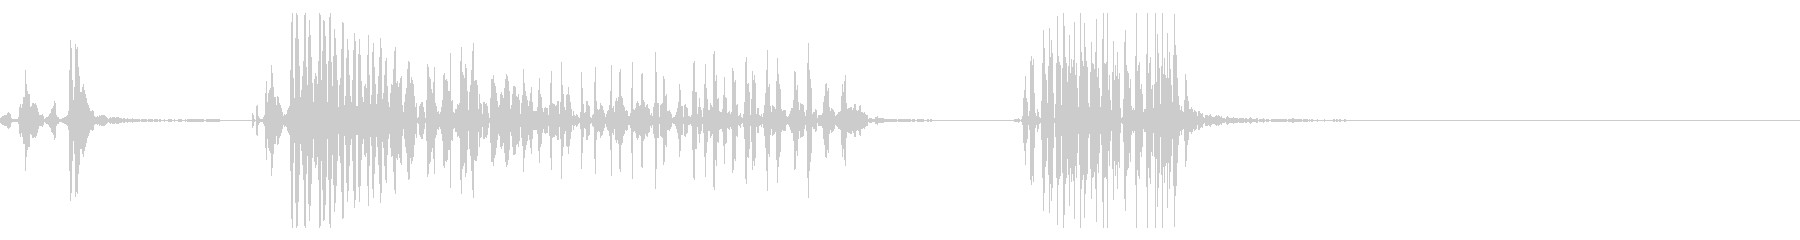 ジャー!ファスナー、チャックの音12の未再生の波形